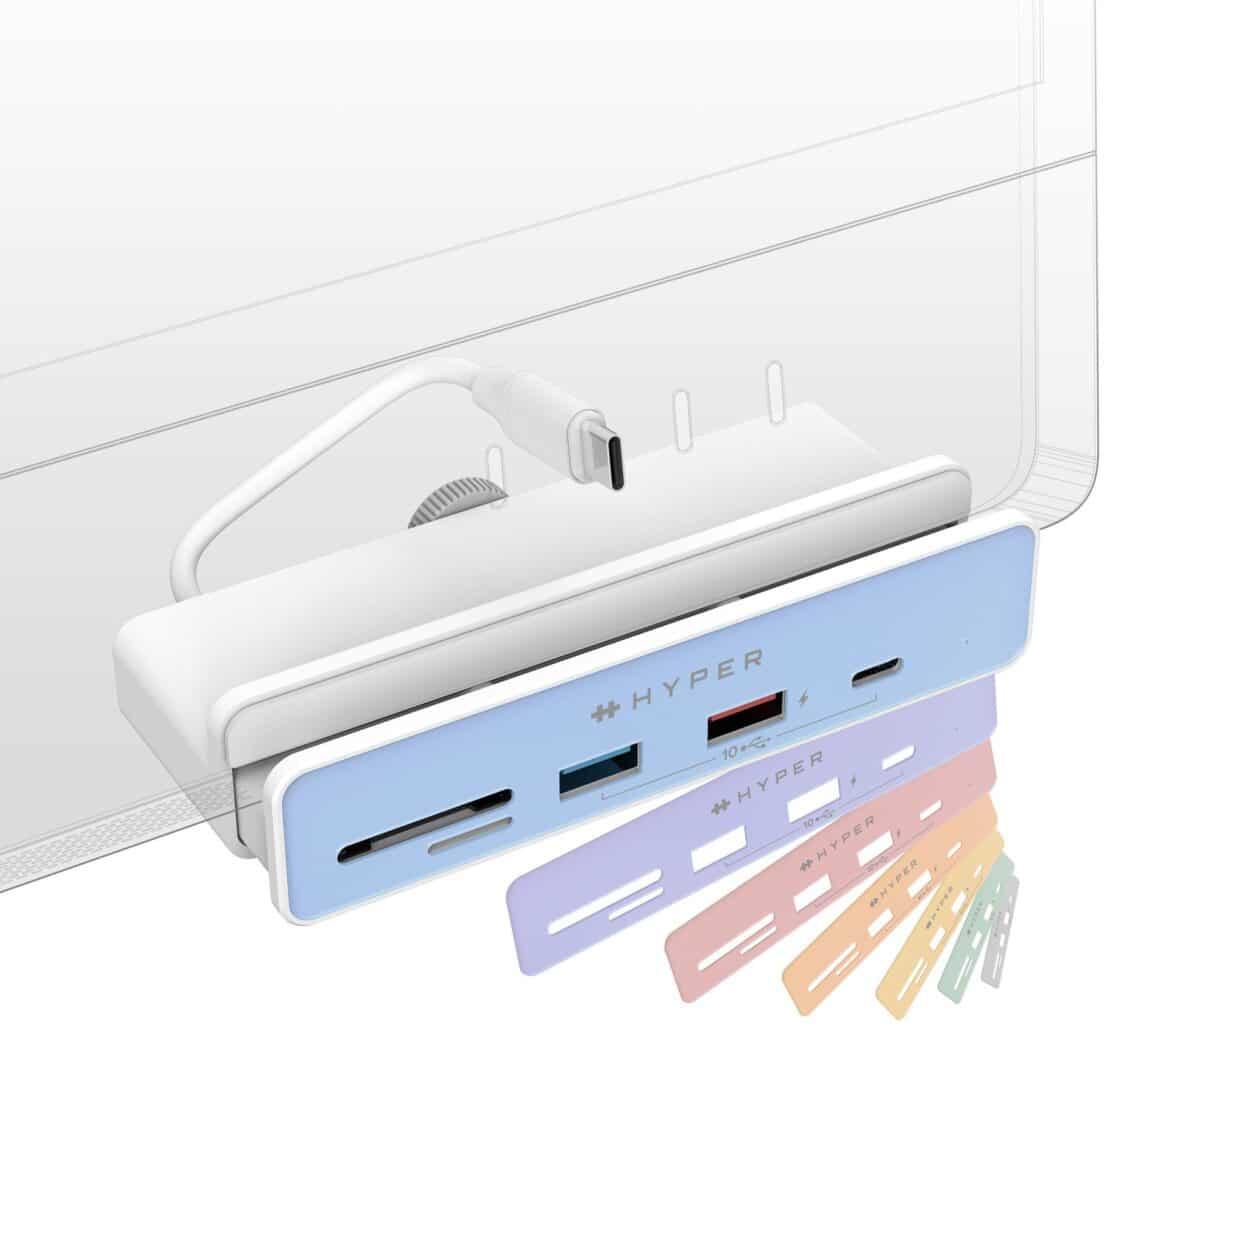 6-in-1 USB-C Hub for iMac 24″